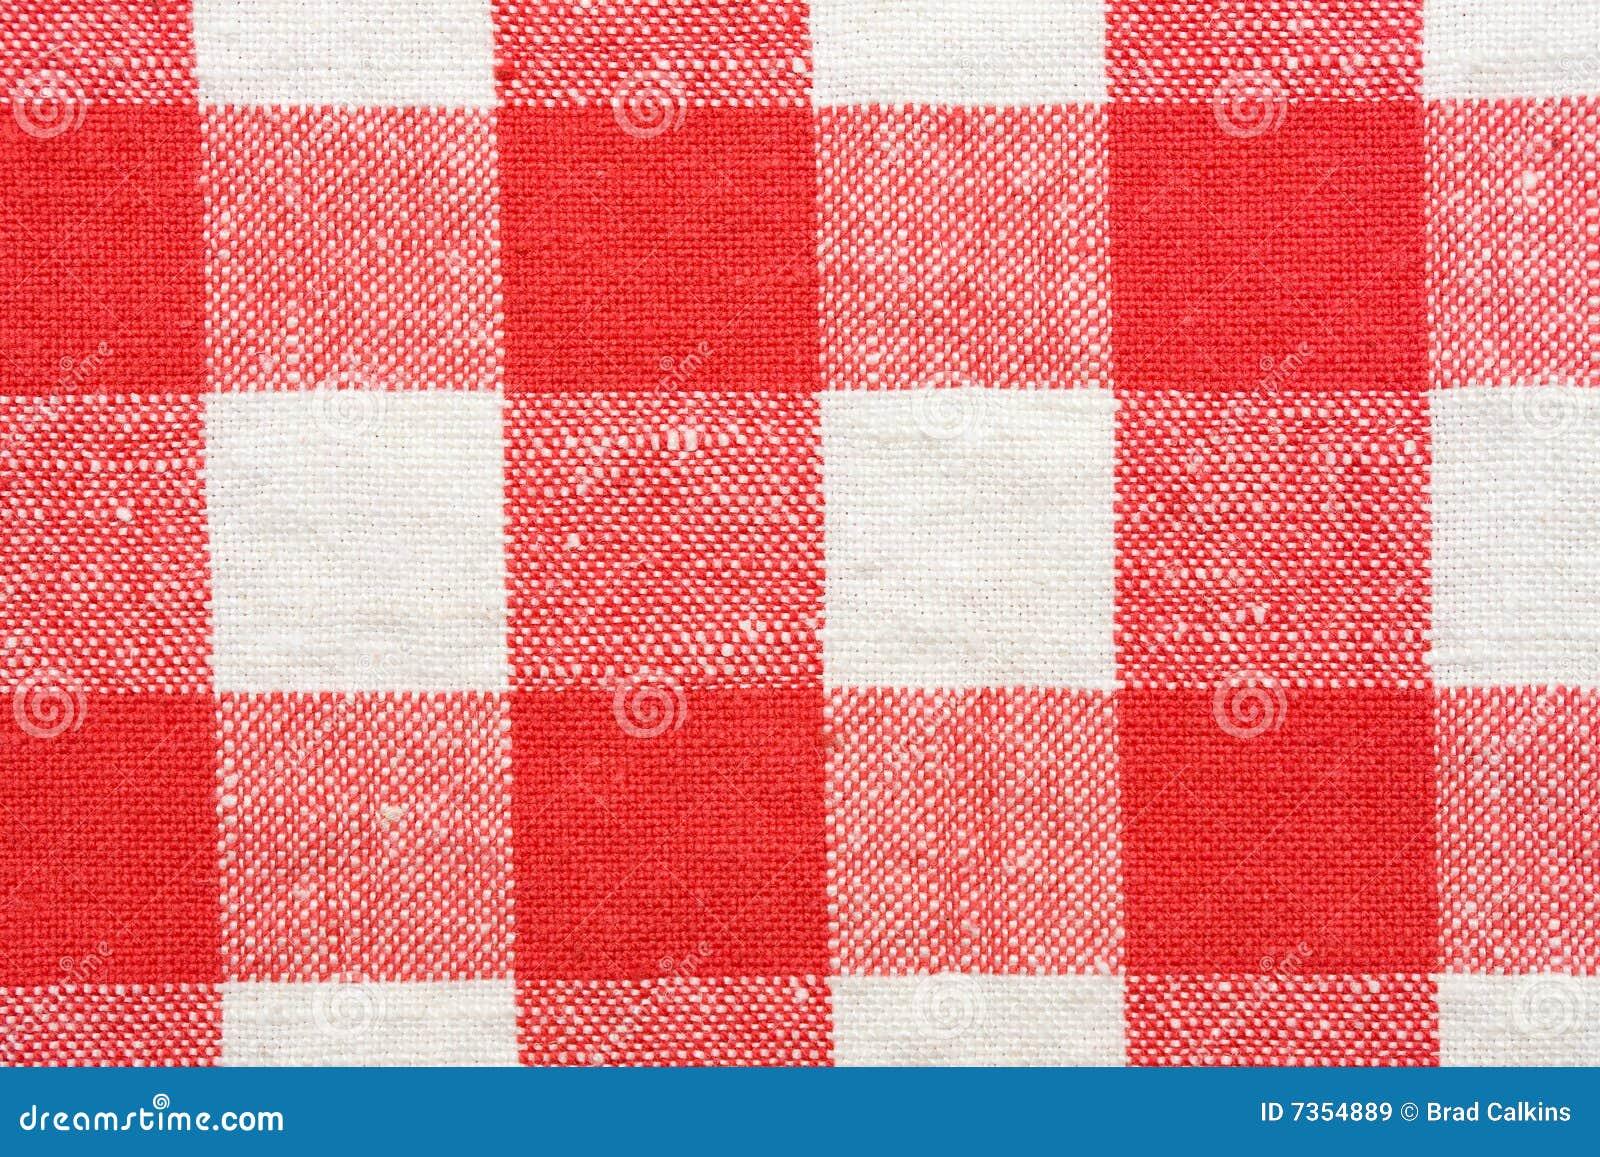 nappe rouge et blanche image stock image du tissu rouge 7354889. Black Bedroom Furniture Sets. Home Design Ideas